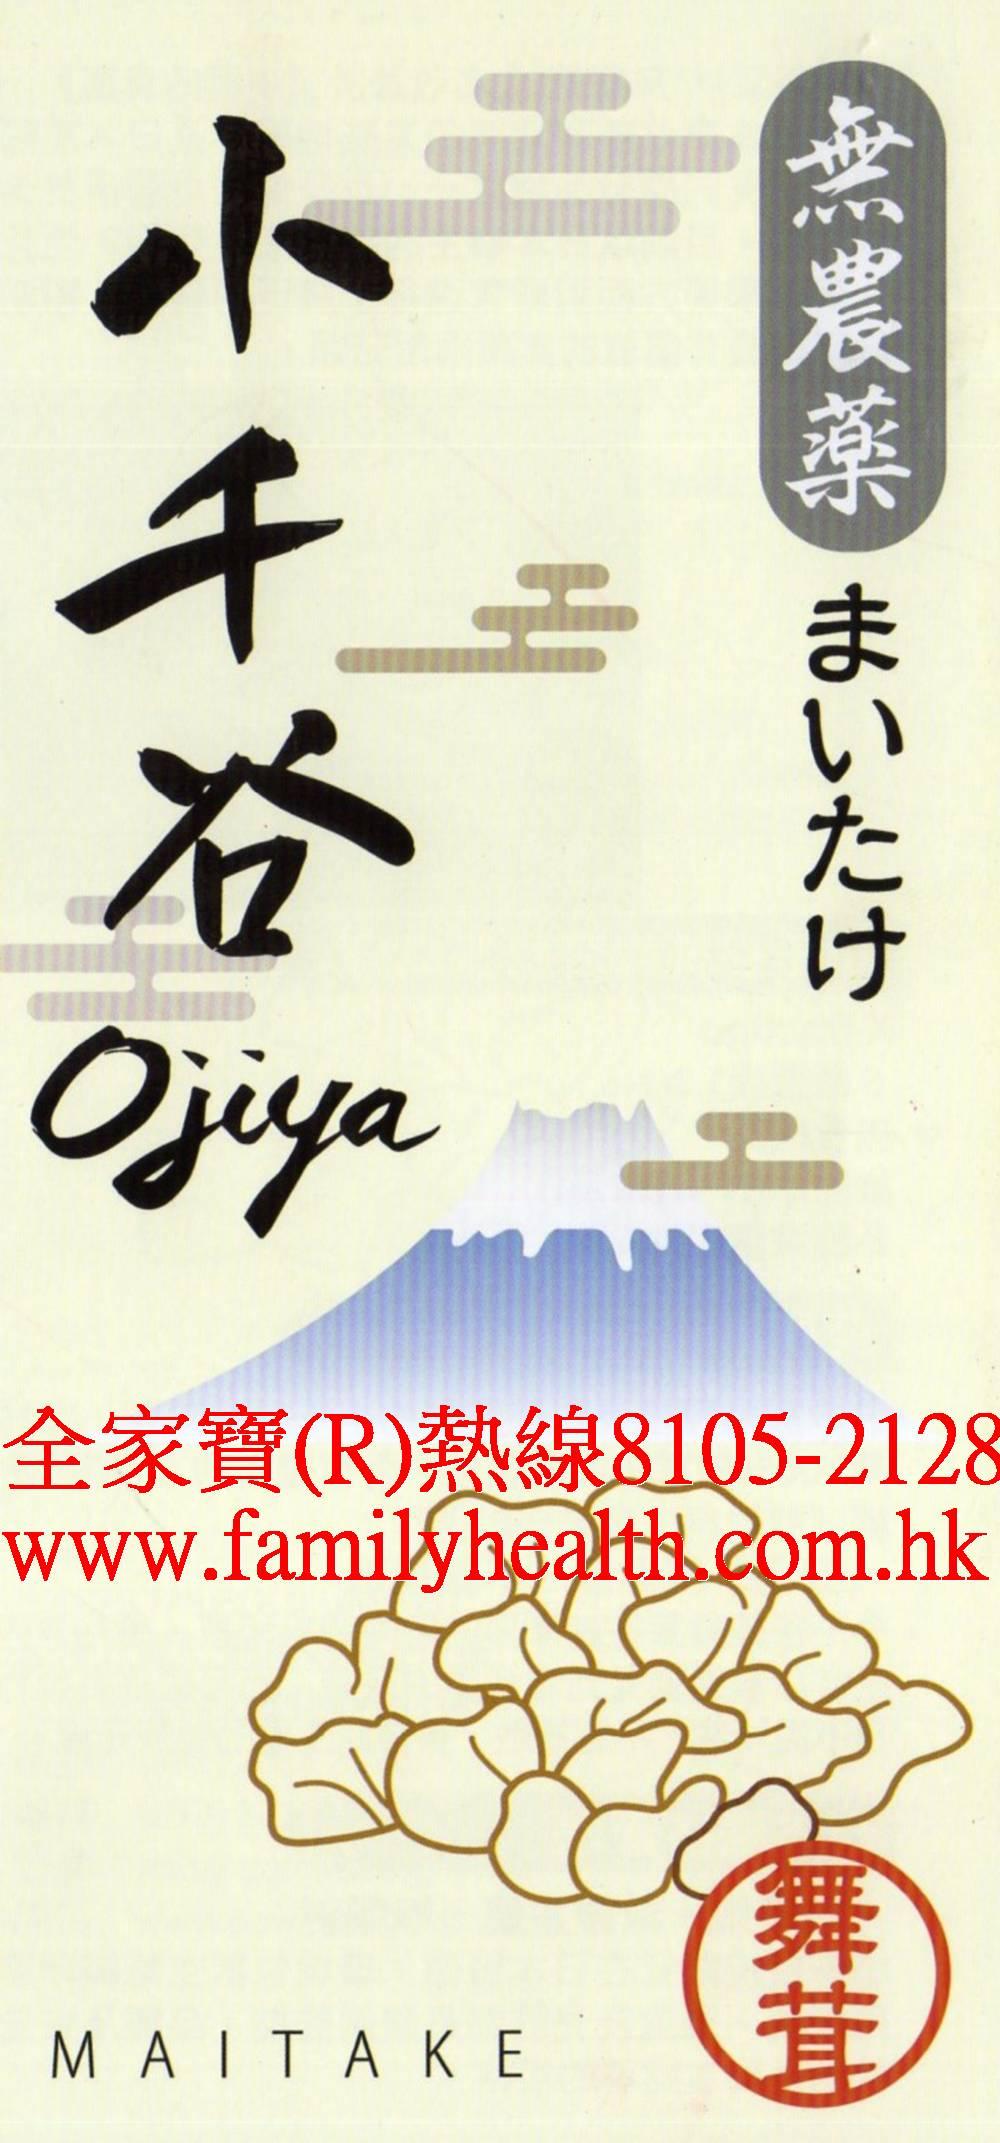 http://www.familyhealth.com.hk/files/full/939_1.jpg